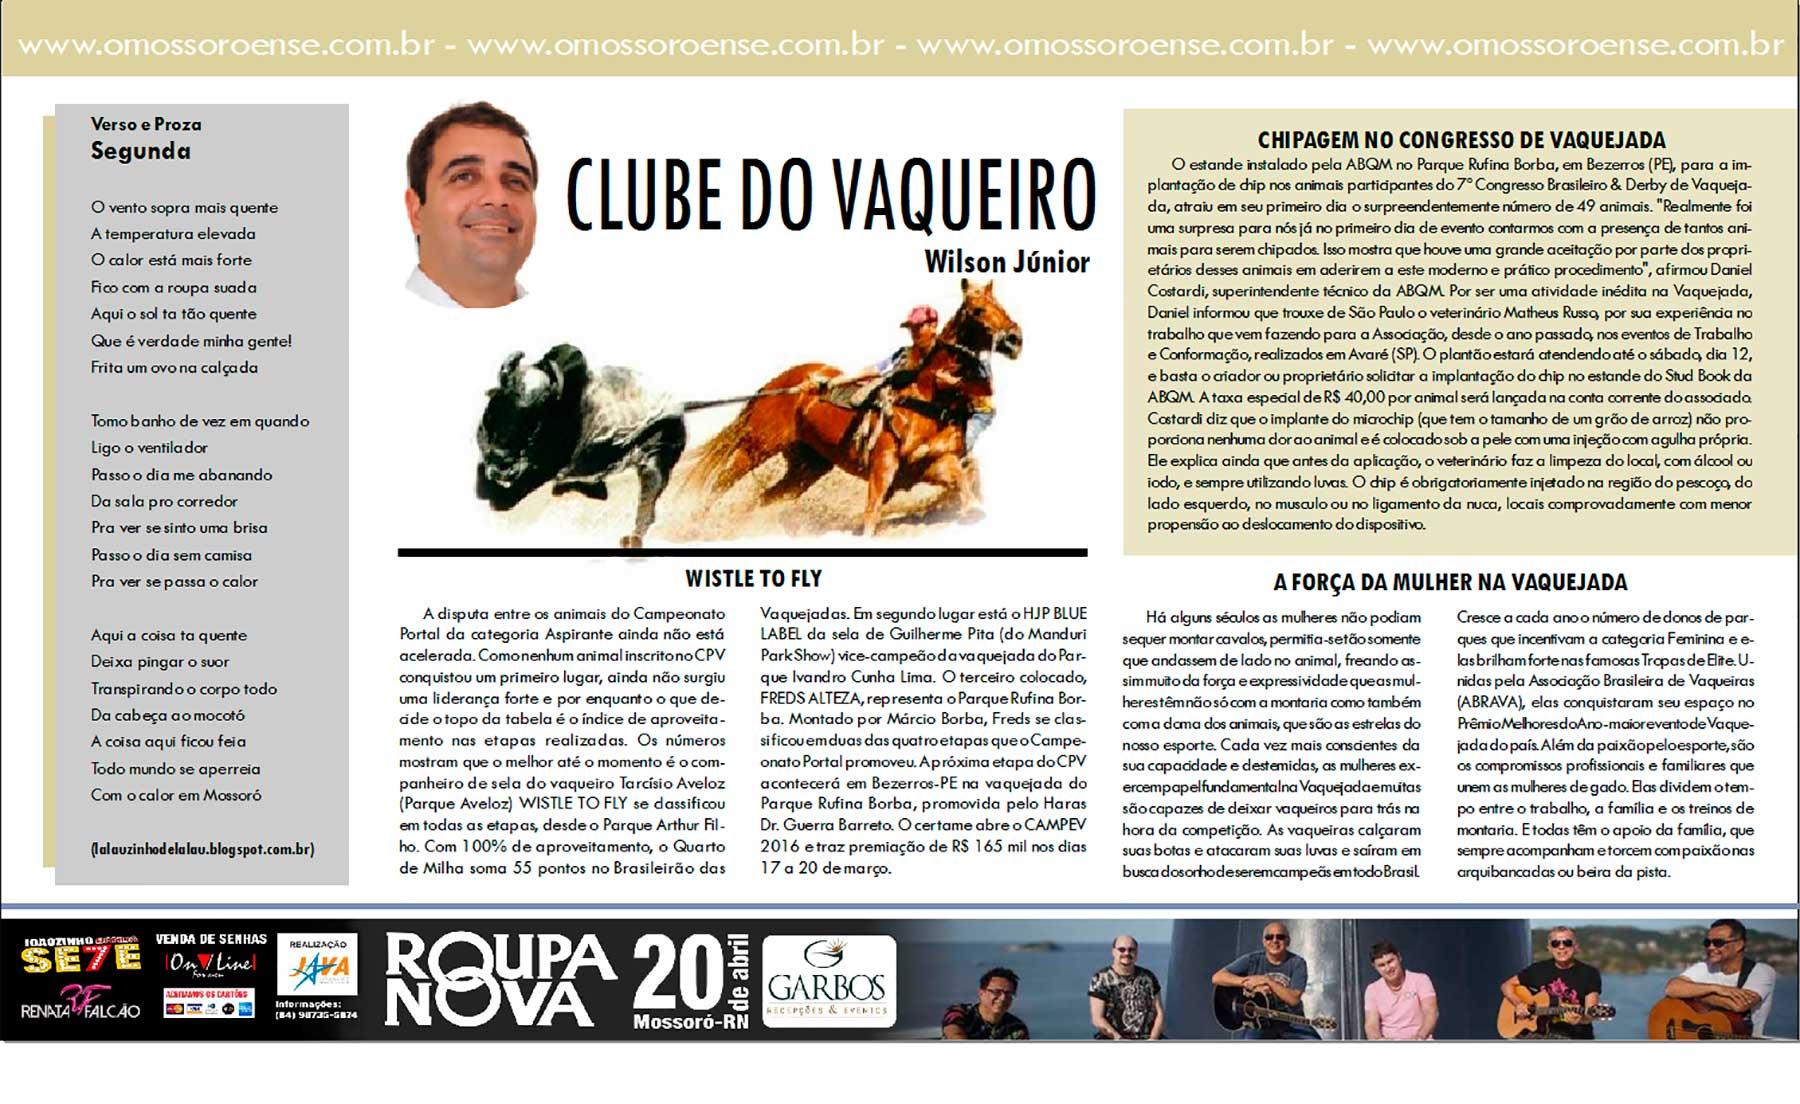 CLUBE-DO-VAQUEIRO---13-03-2016